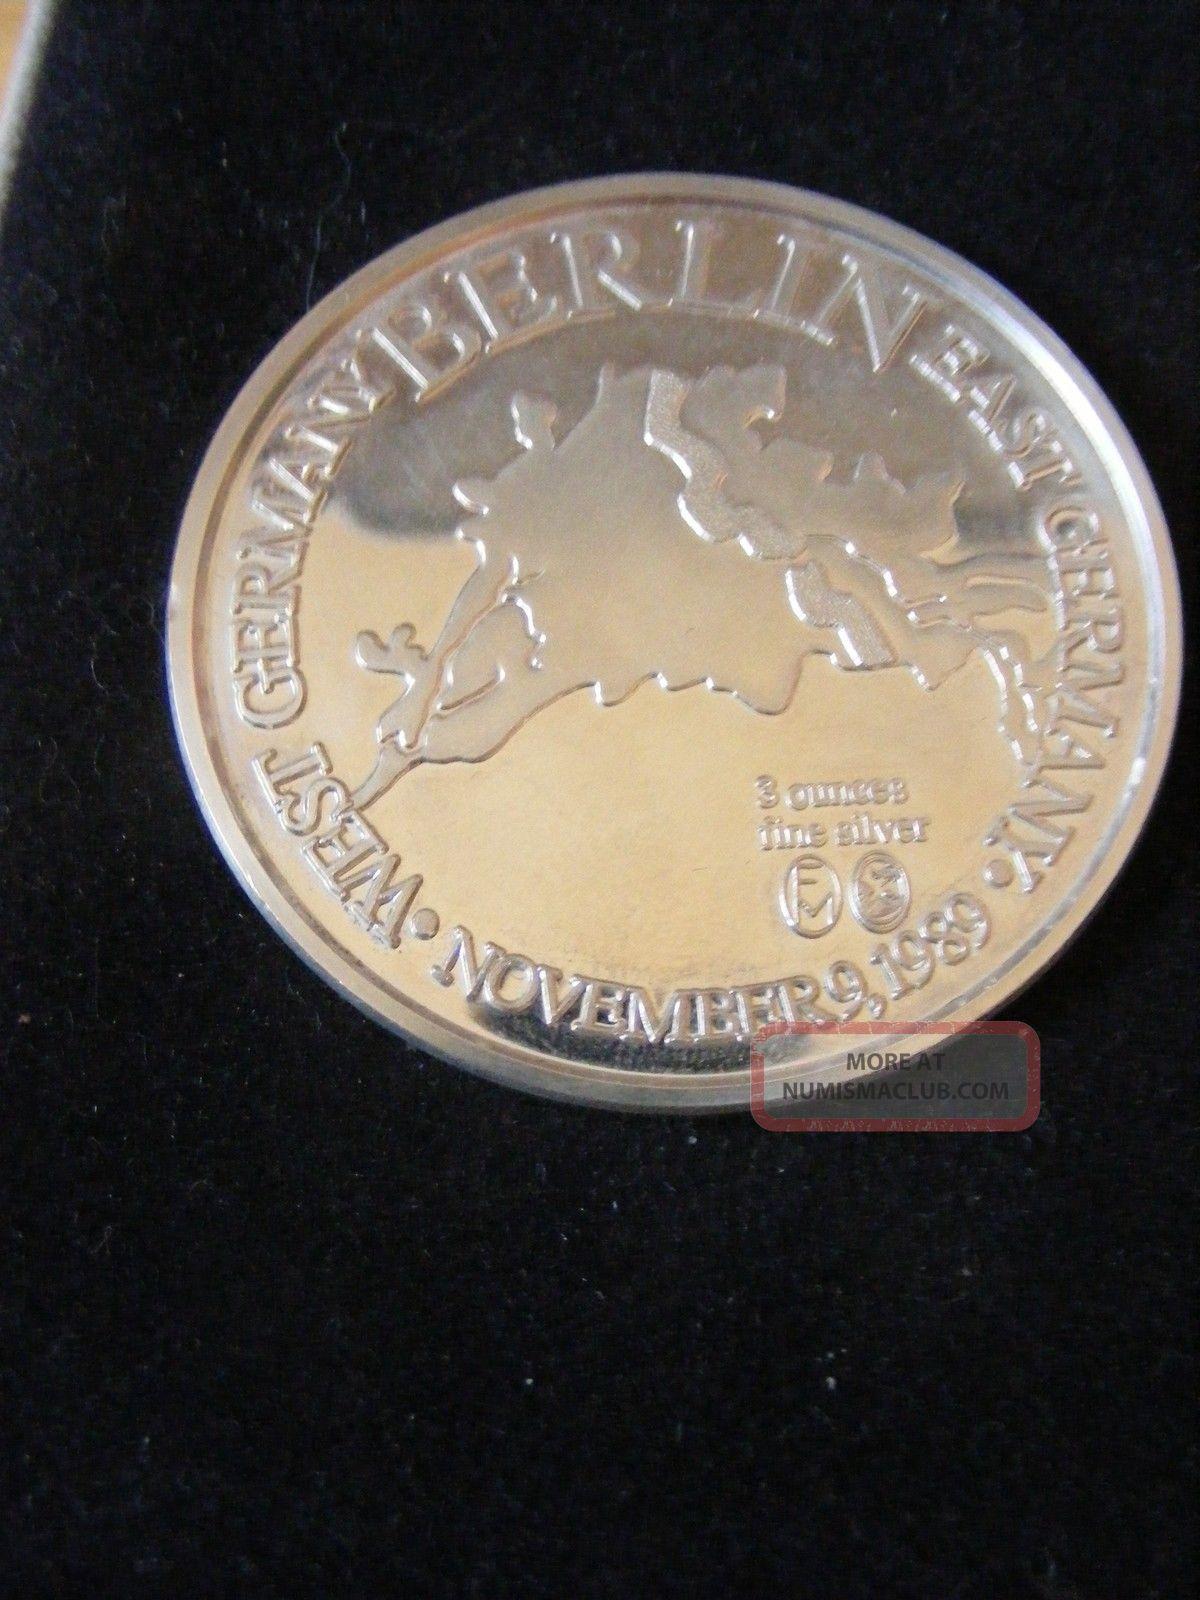 1989 The Berlin Wall Commemorative Medallion 999 Fine